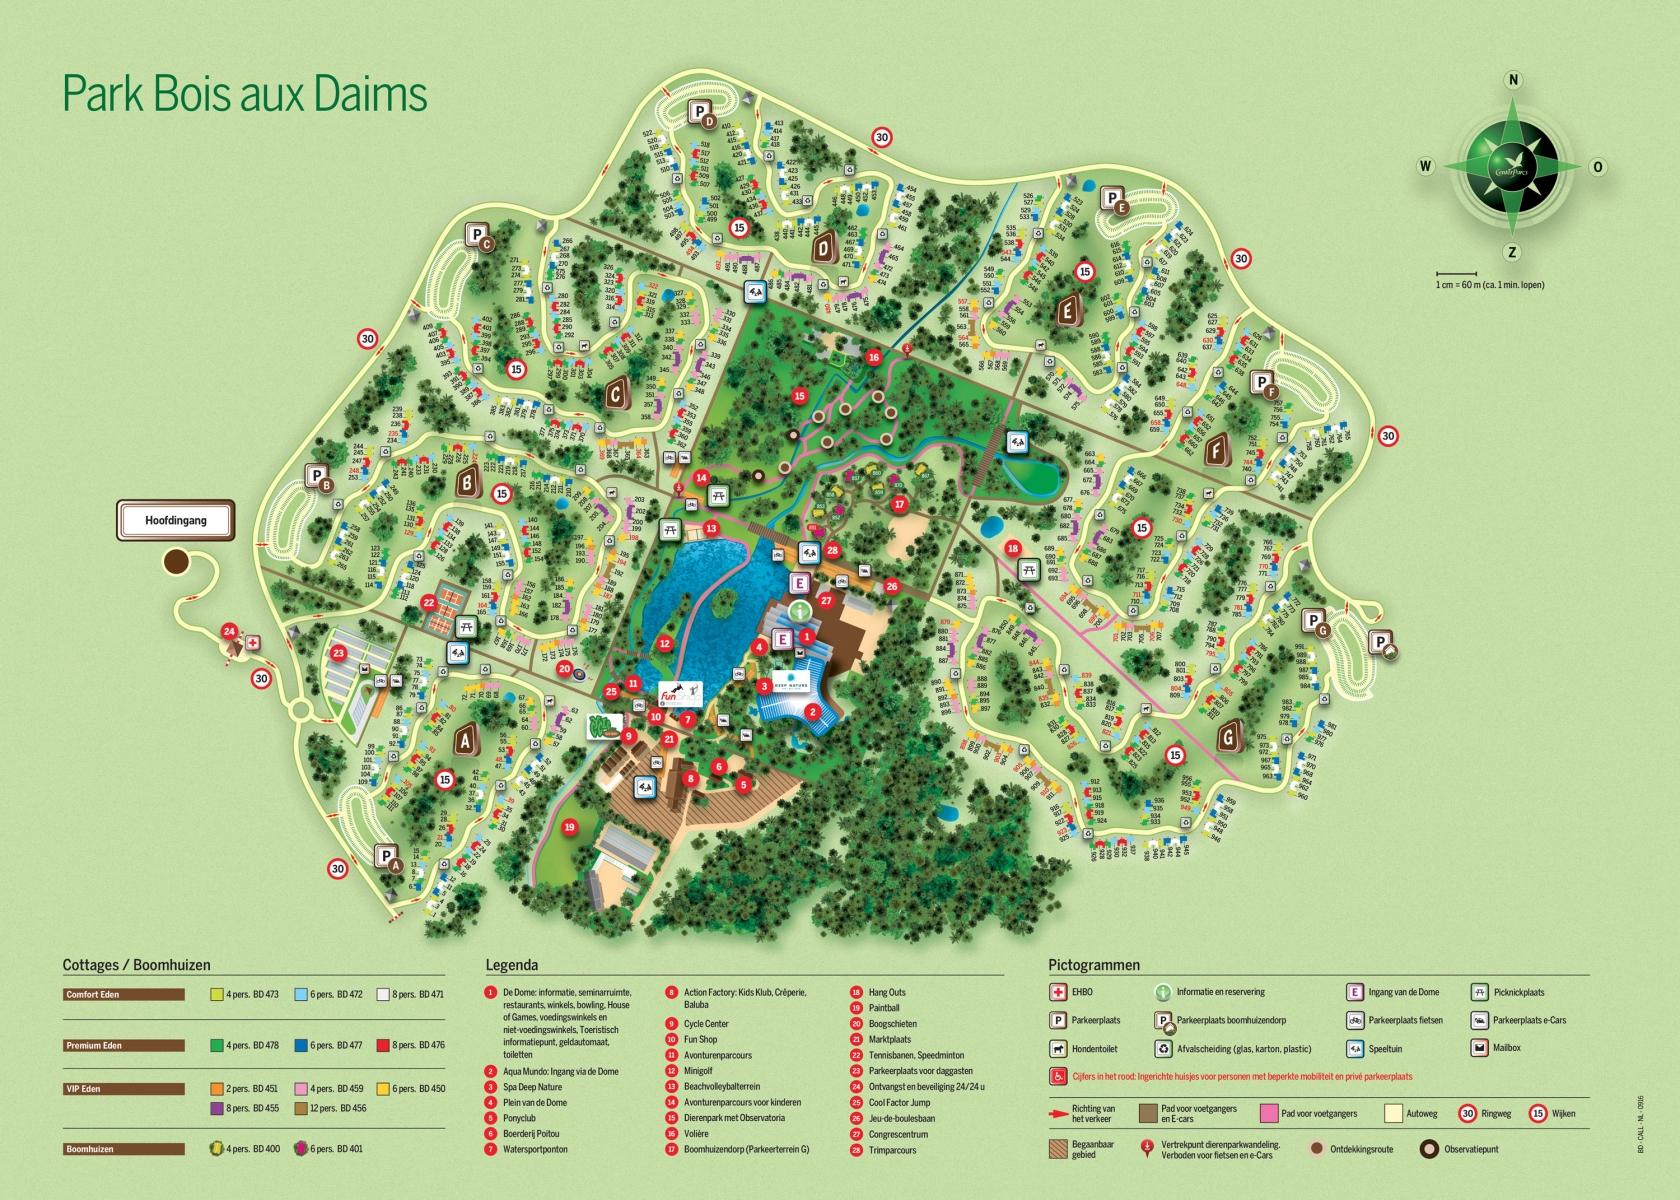 Center Parcs Le Bois aux Daims